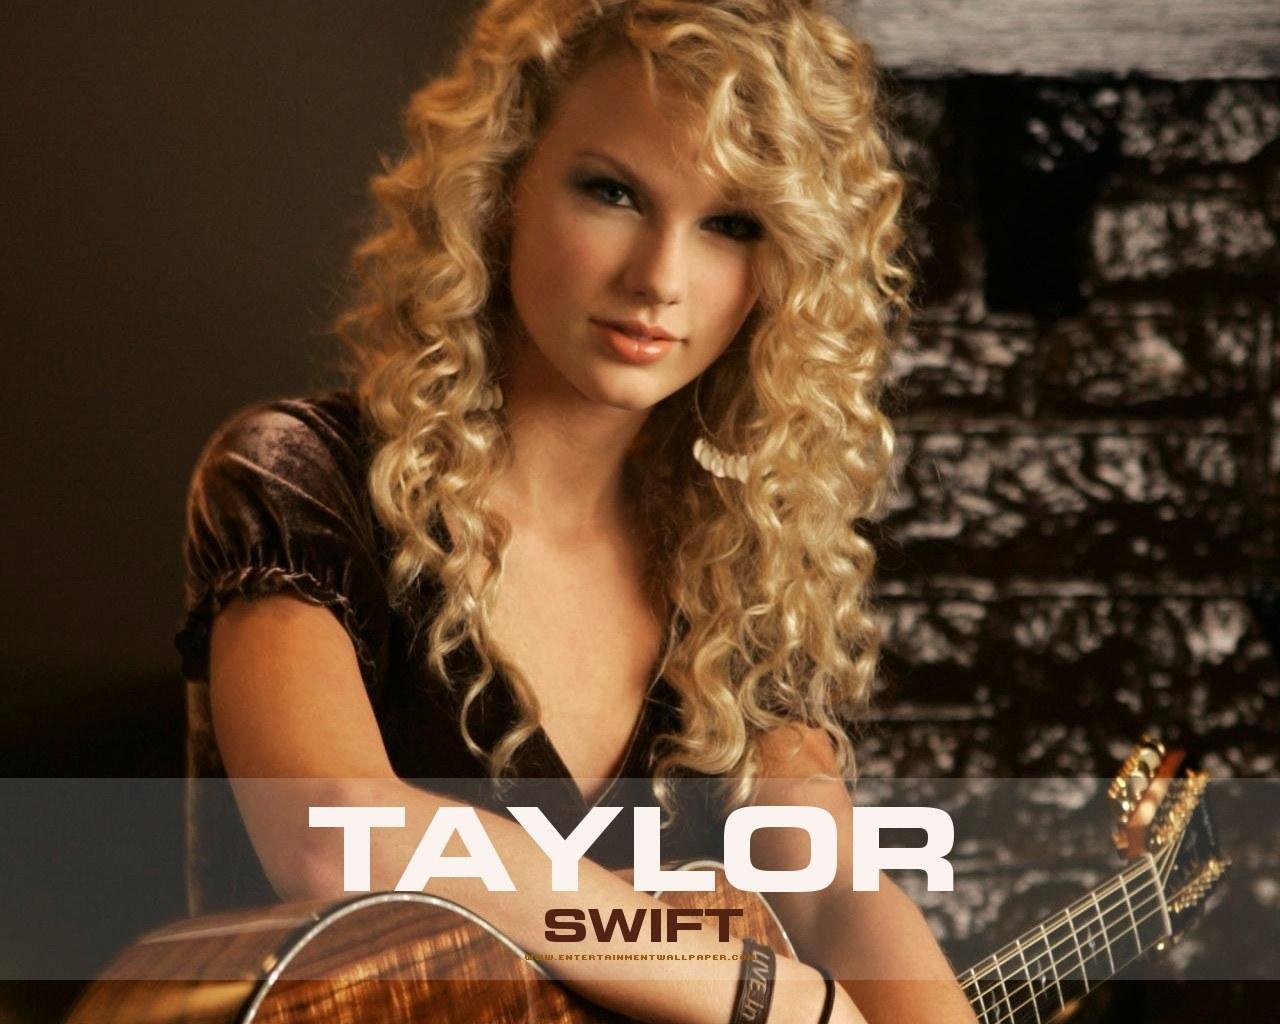 http://images1.fanpop.com/images/image_uploads/Taylor-taylor-swift-1171146_1280_1024.jpg